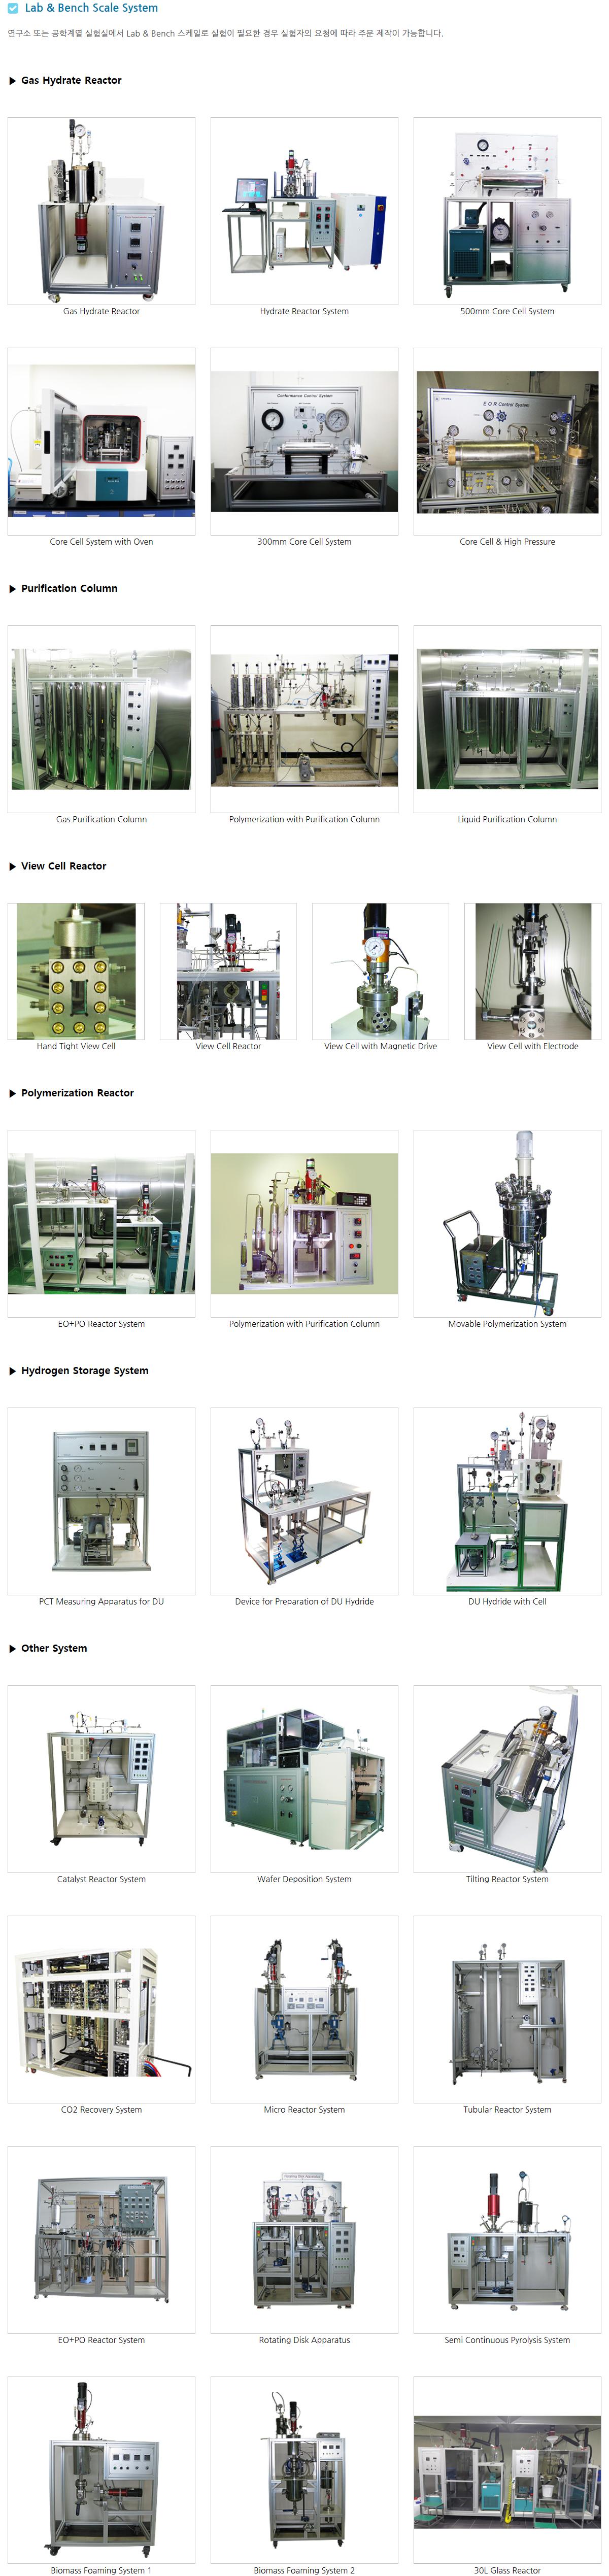 한울엔지니어링 Lab & Bench Scale System  1